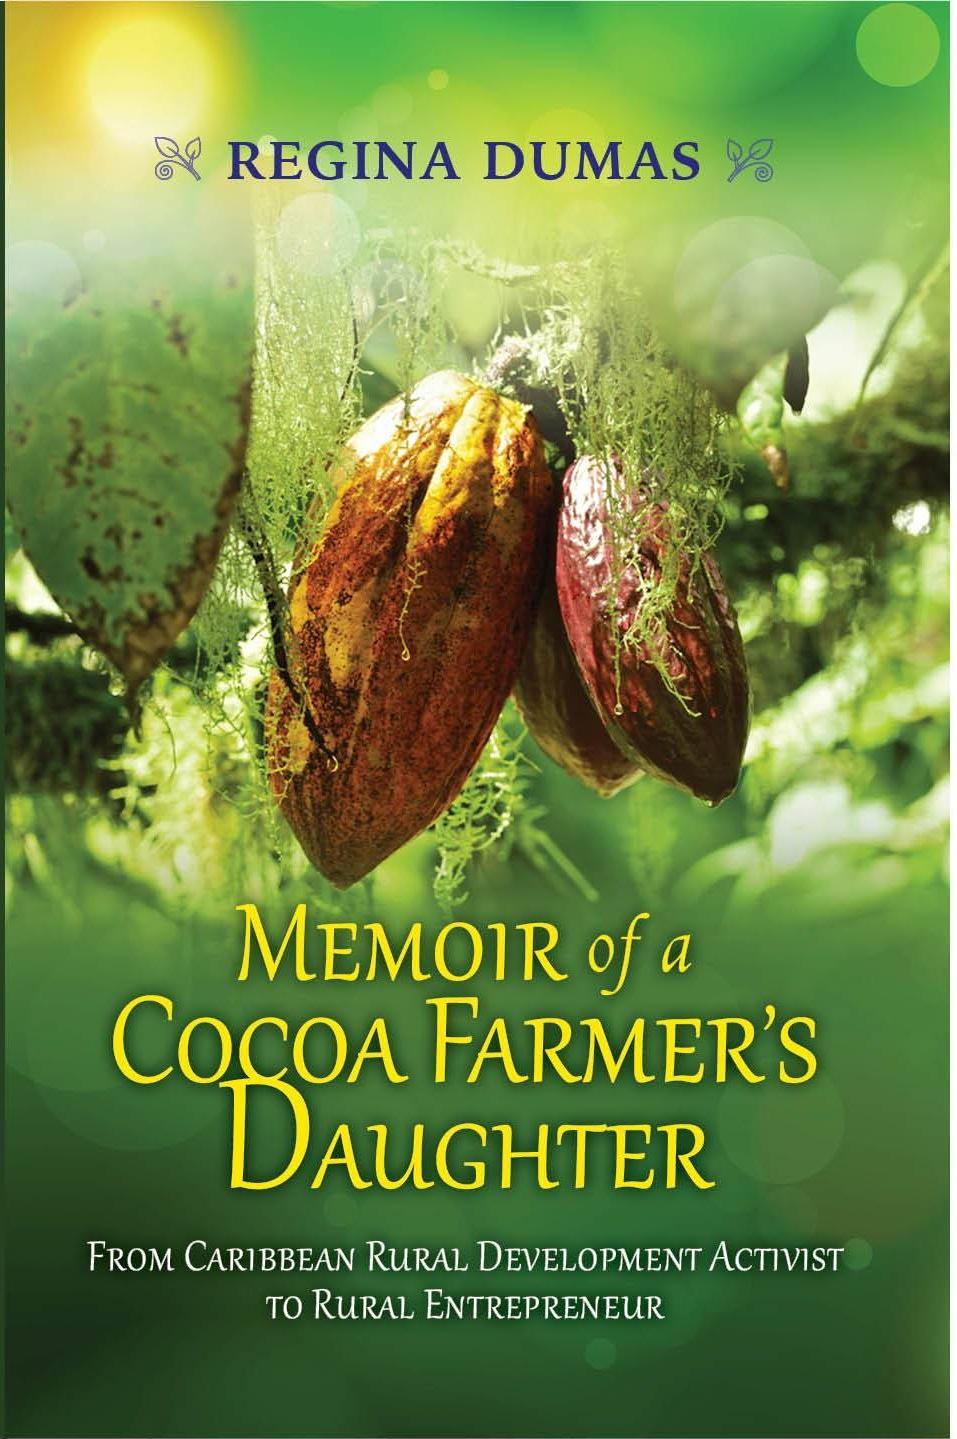 Memoir of a Cocoa Farmer's Daughter